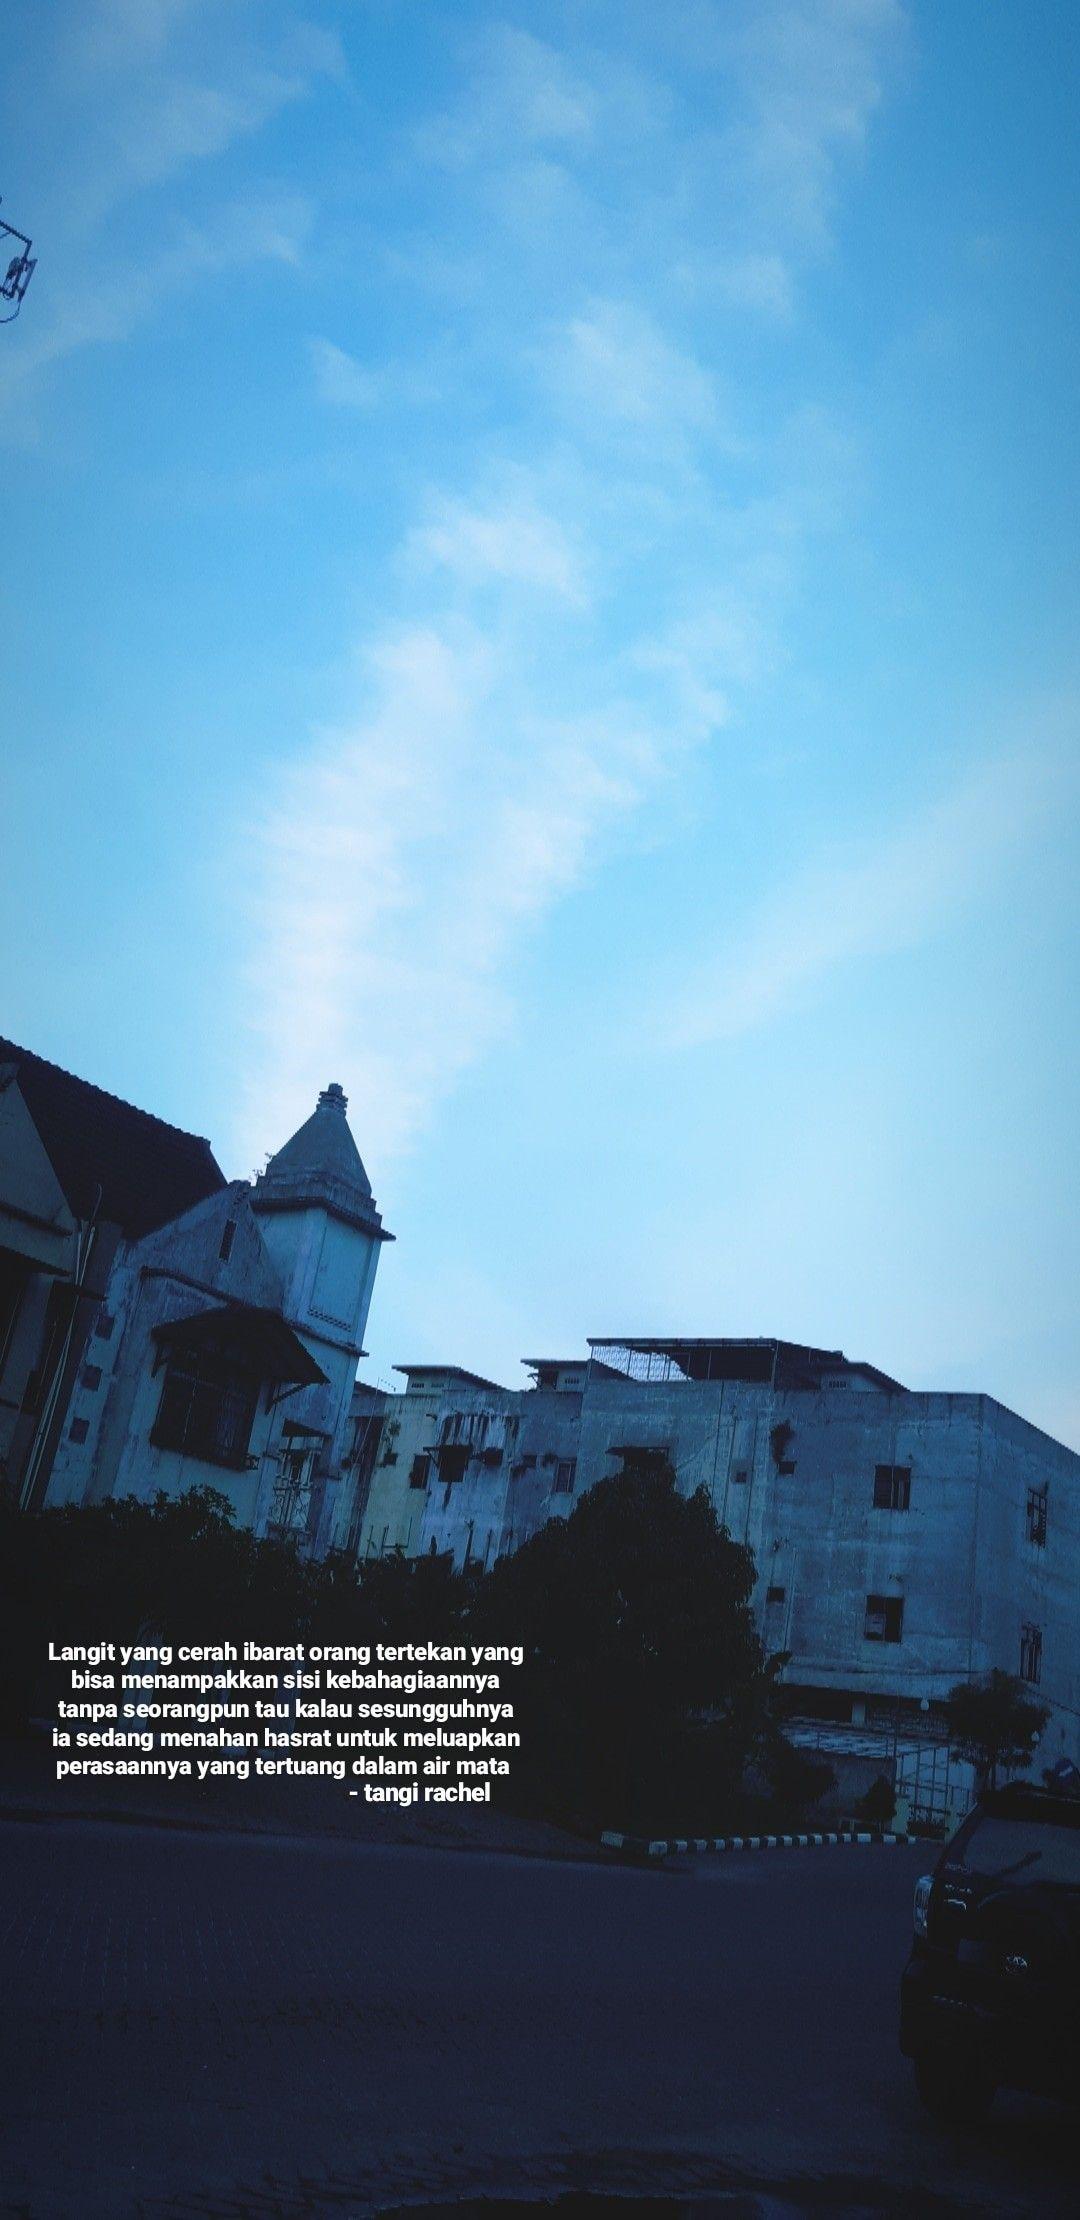 Tentang Curahan Hati Sang Langit Biru Dengan Gambar Langit